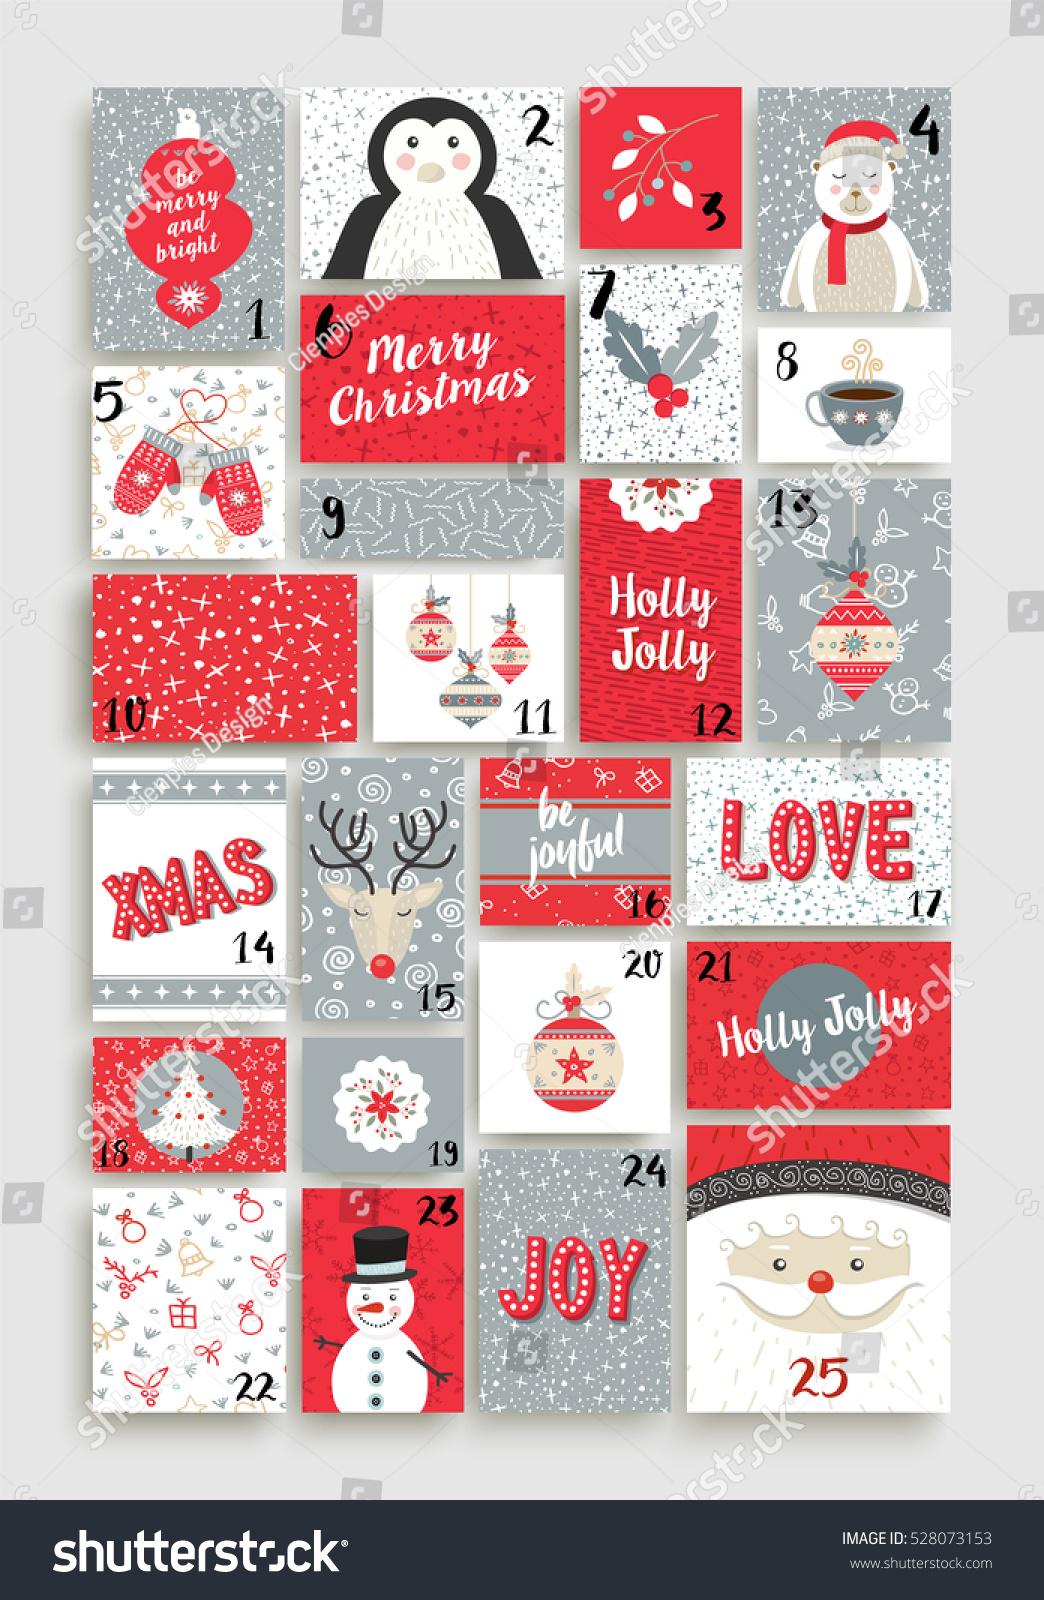 Retro Calendar Design : Merry christmas advent calendar design made of cute retro